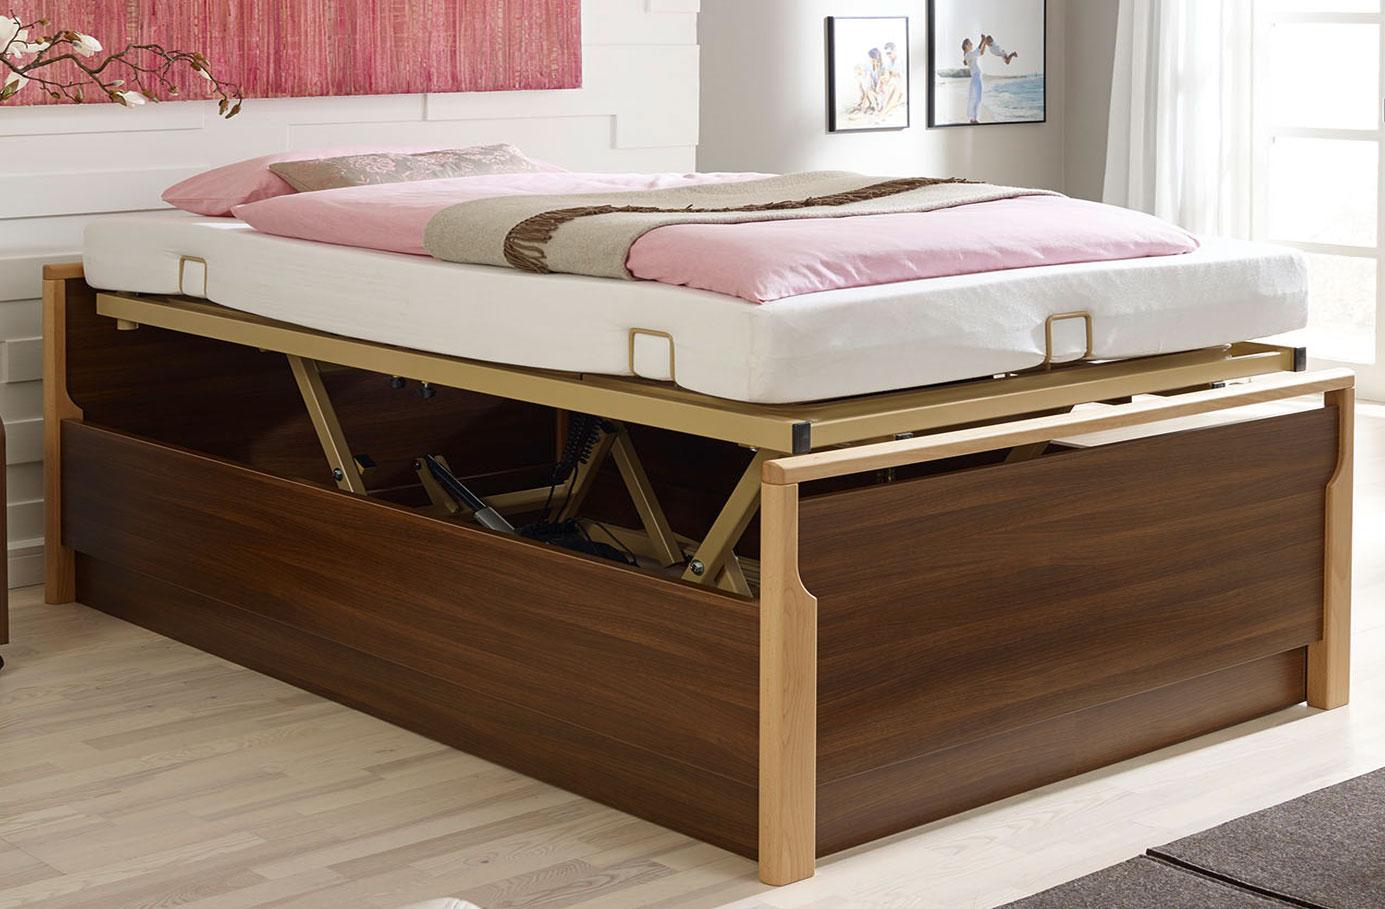 Full Size of Bett Mit Schubladen 90x200 Weiß Lattenrost Weißes Kiefer Bettkasten Betten Und Matratze Wohnzimmer Seniorenbett 90x200